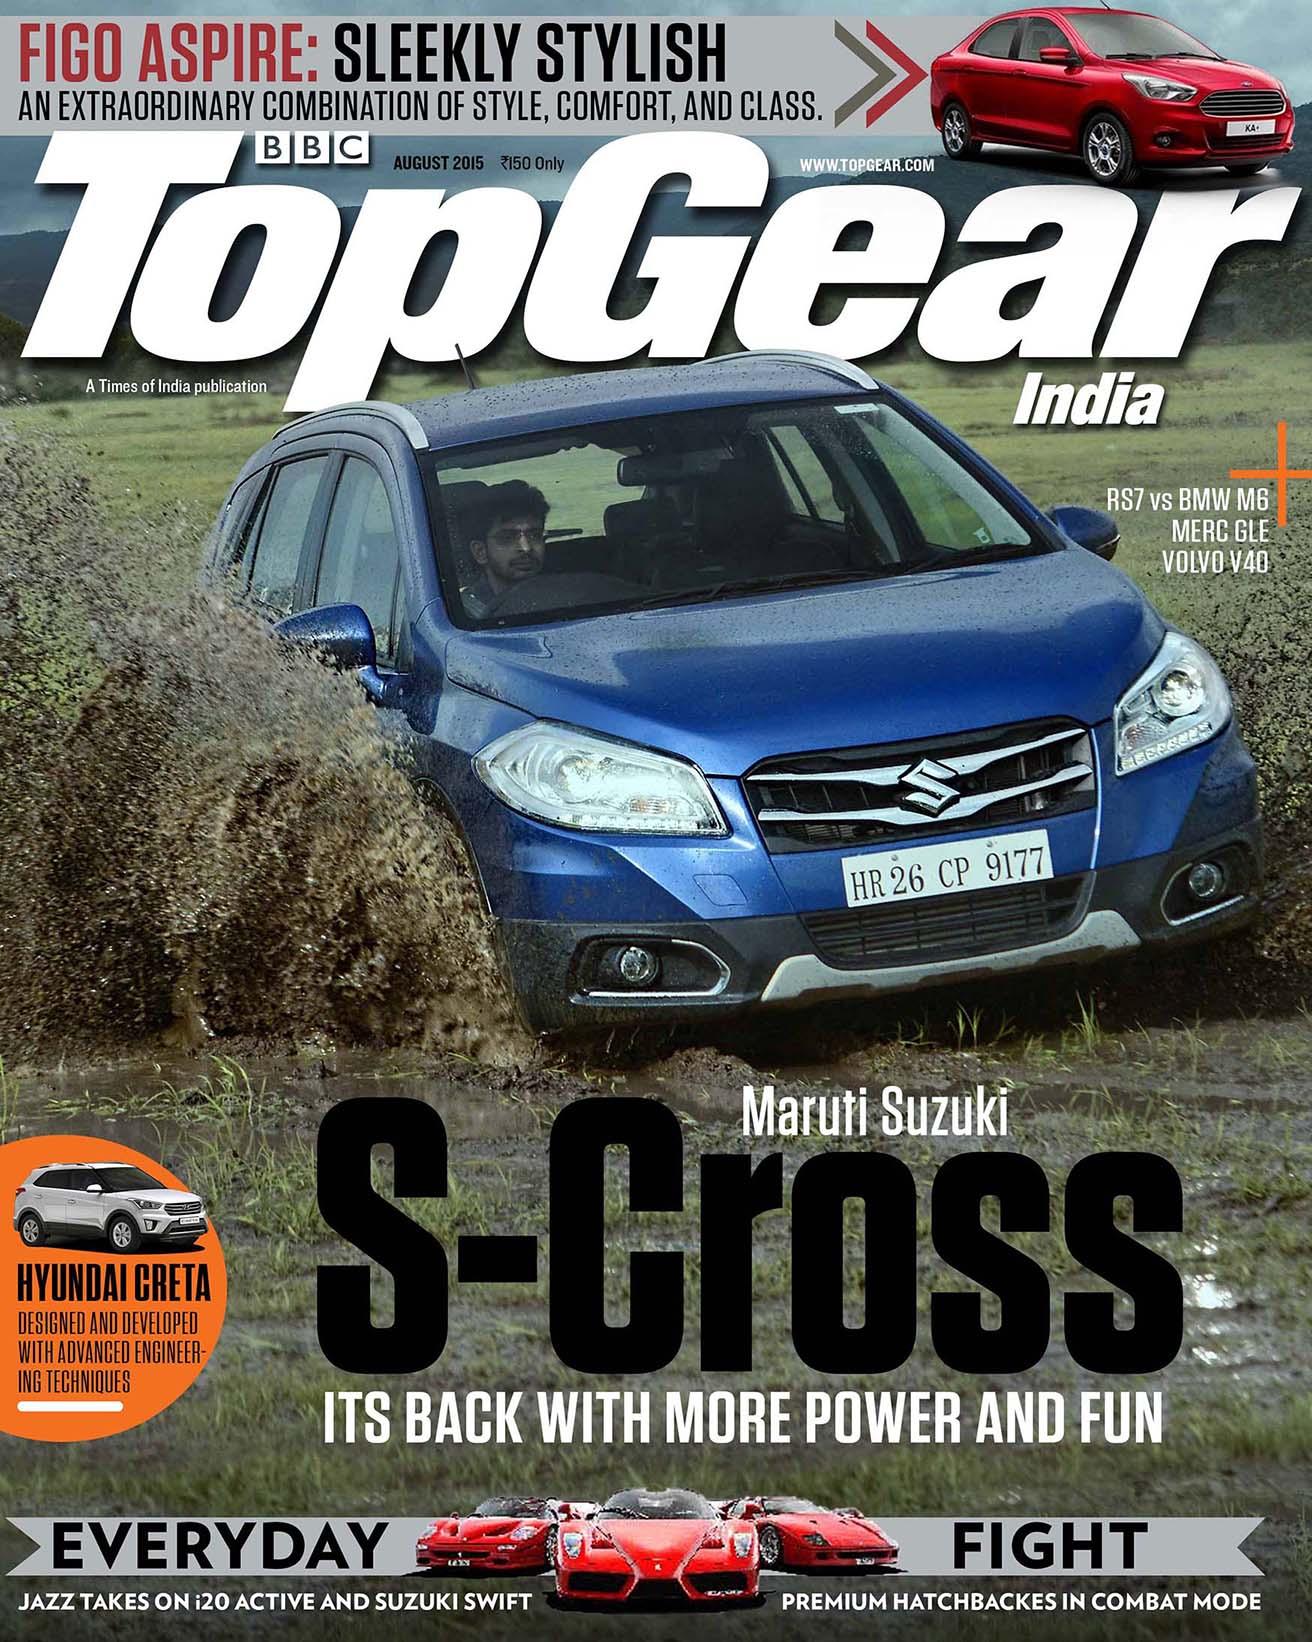 TG cover August v2.jpg